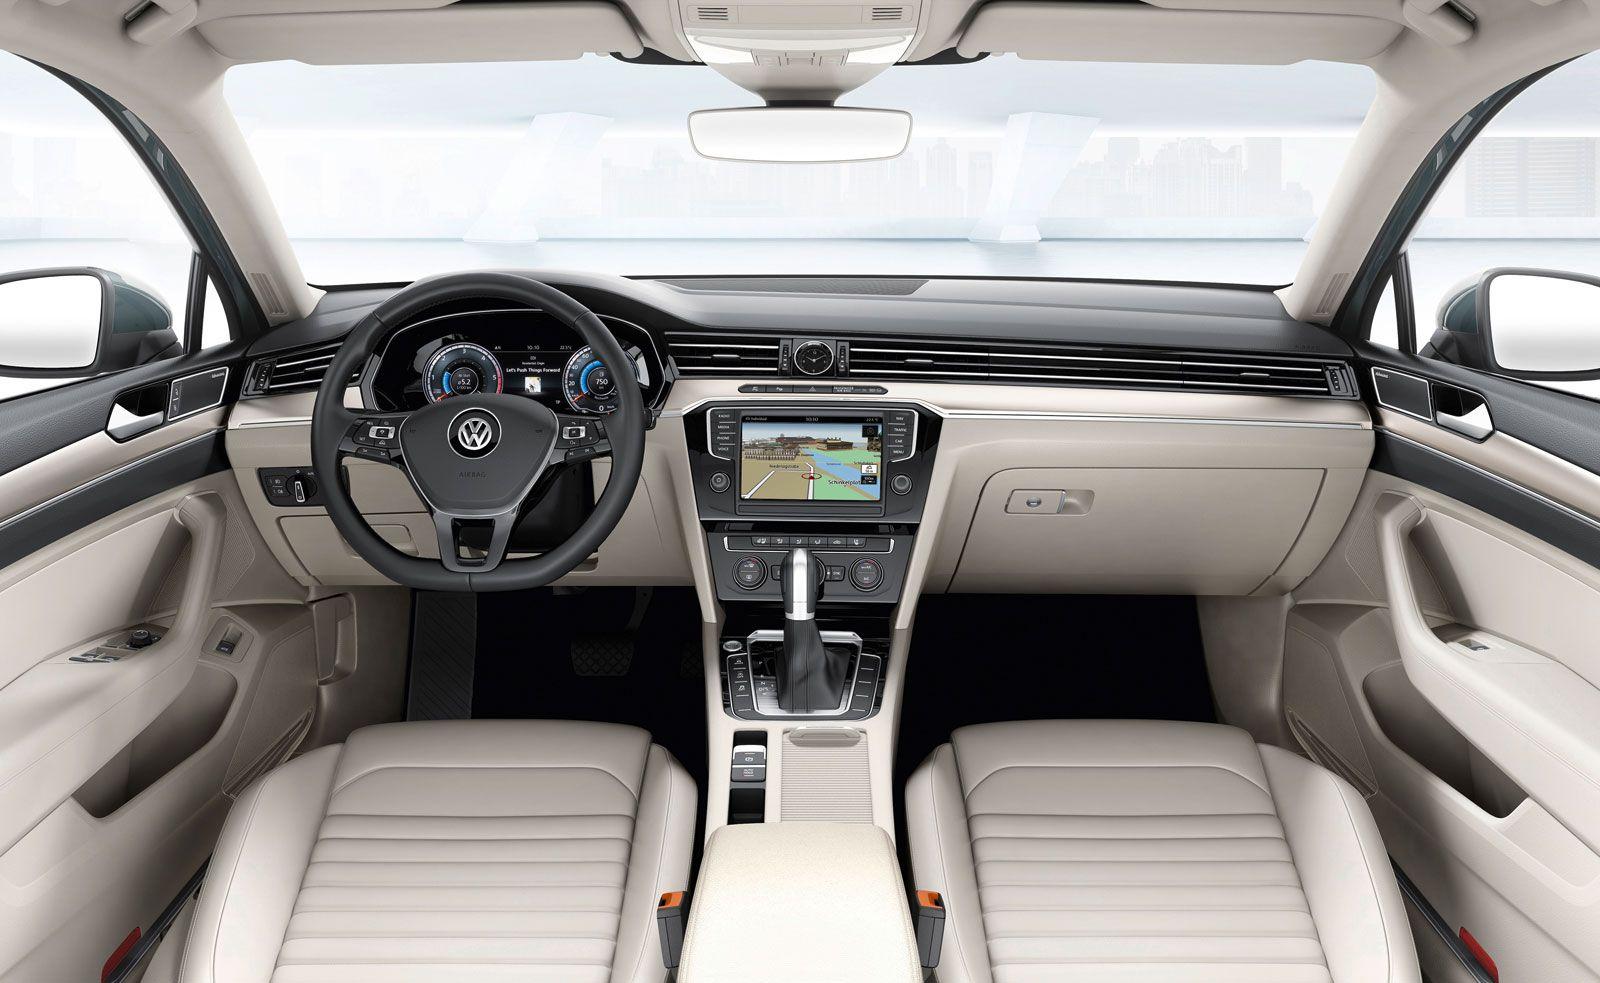 New Volkswagen Passat Interior Car Body Design Volkswagen Volkswagen Passat Vw Passat